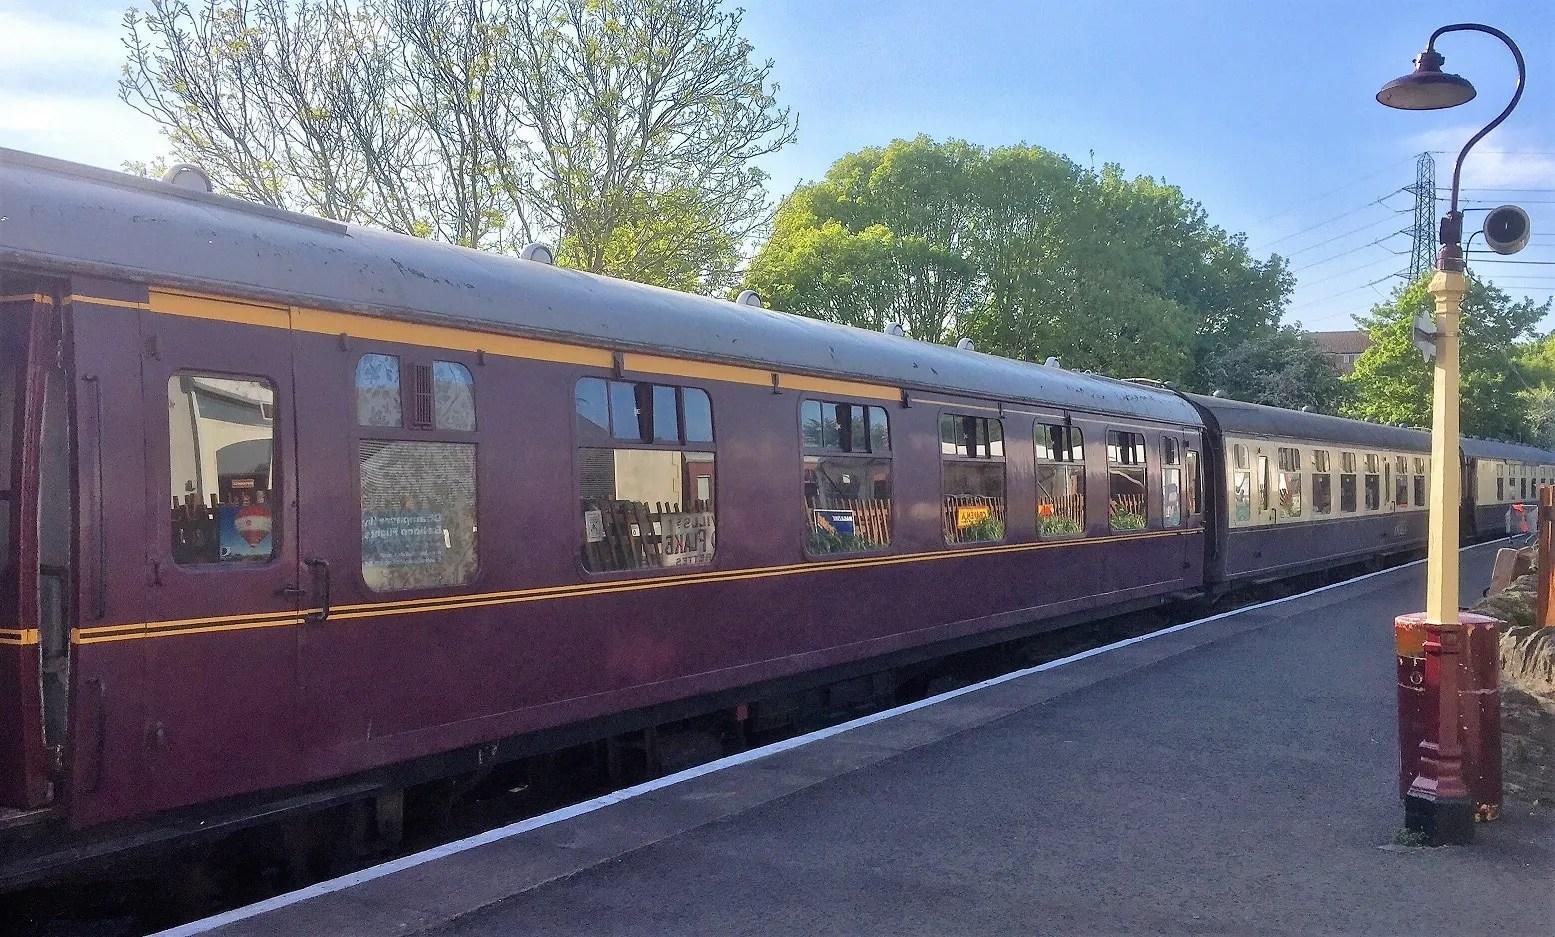 Avon Valley Railway Bitton station